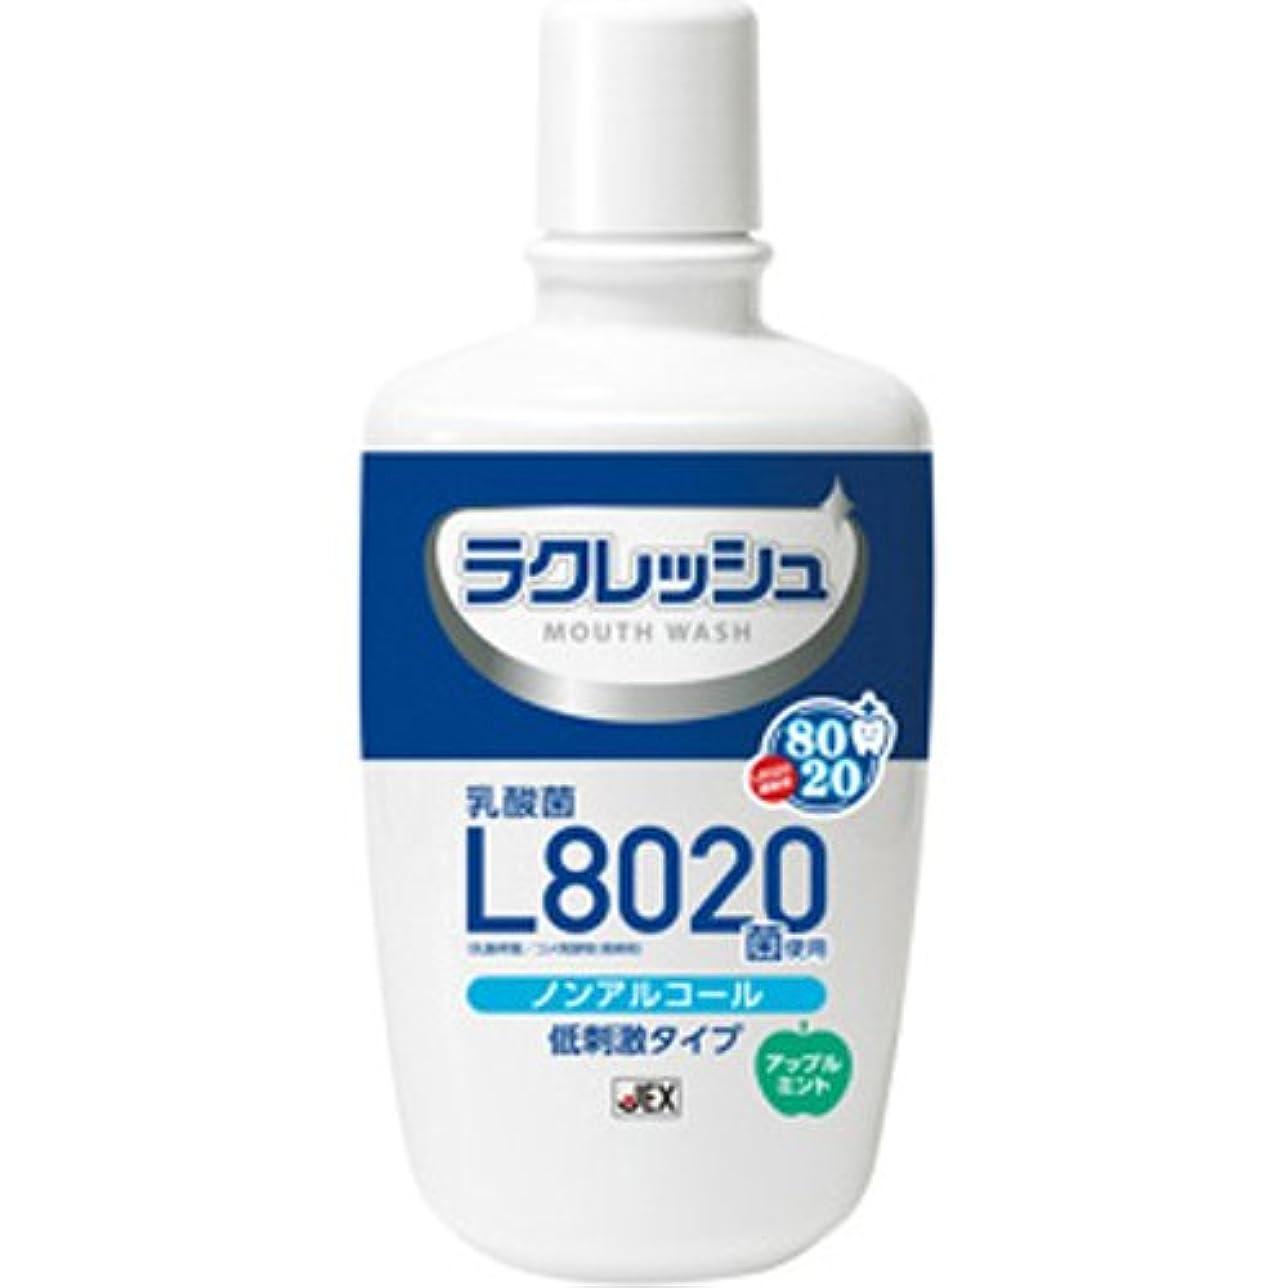 服を洗うご意見素晴らしいですラクレッシュ L8020菌入 マウスウォッシュ × 5個セット